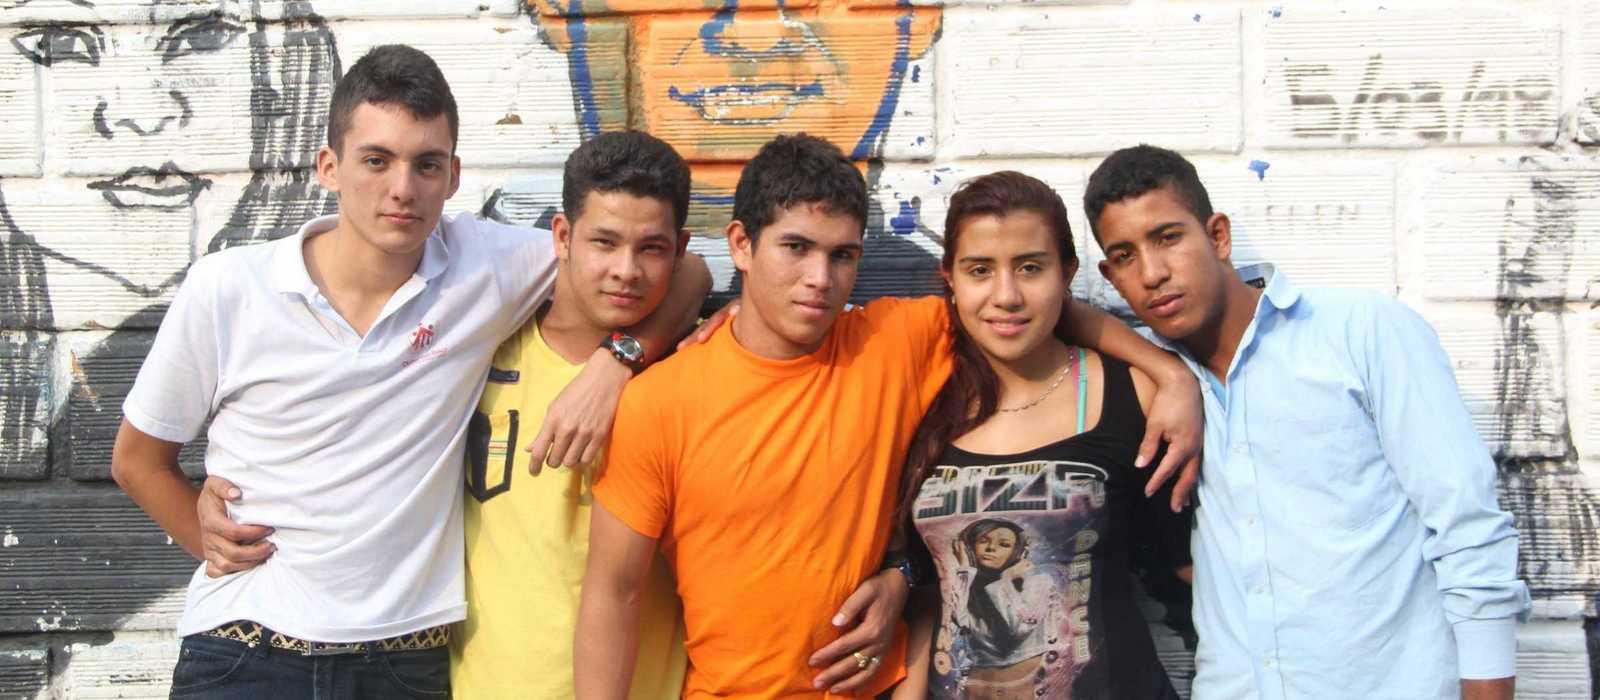 Jugendliche in der Ciudad Don Bosco vor einem Grafiti von Don Bosco